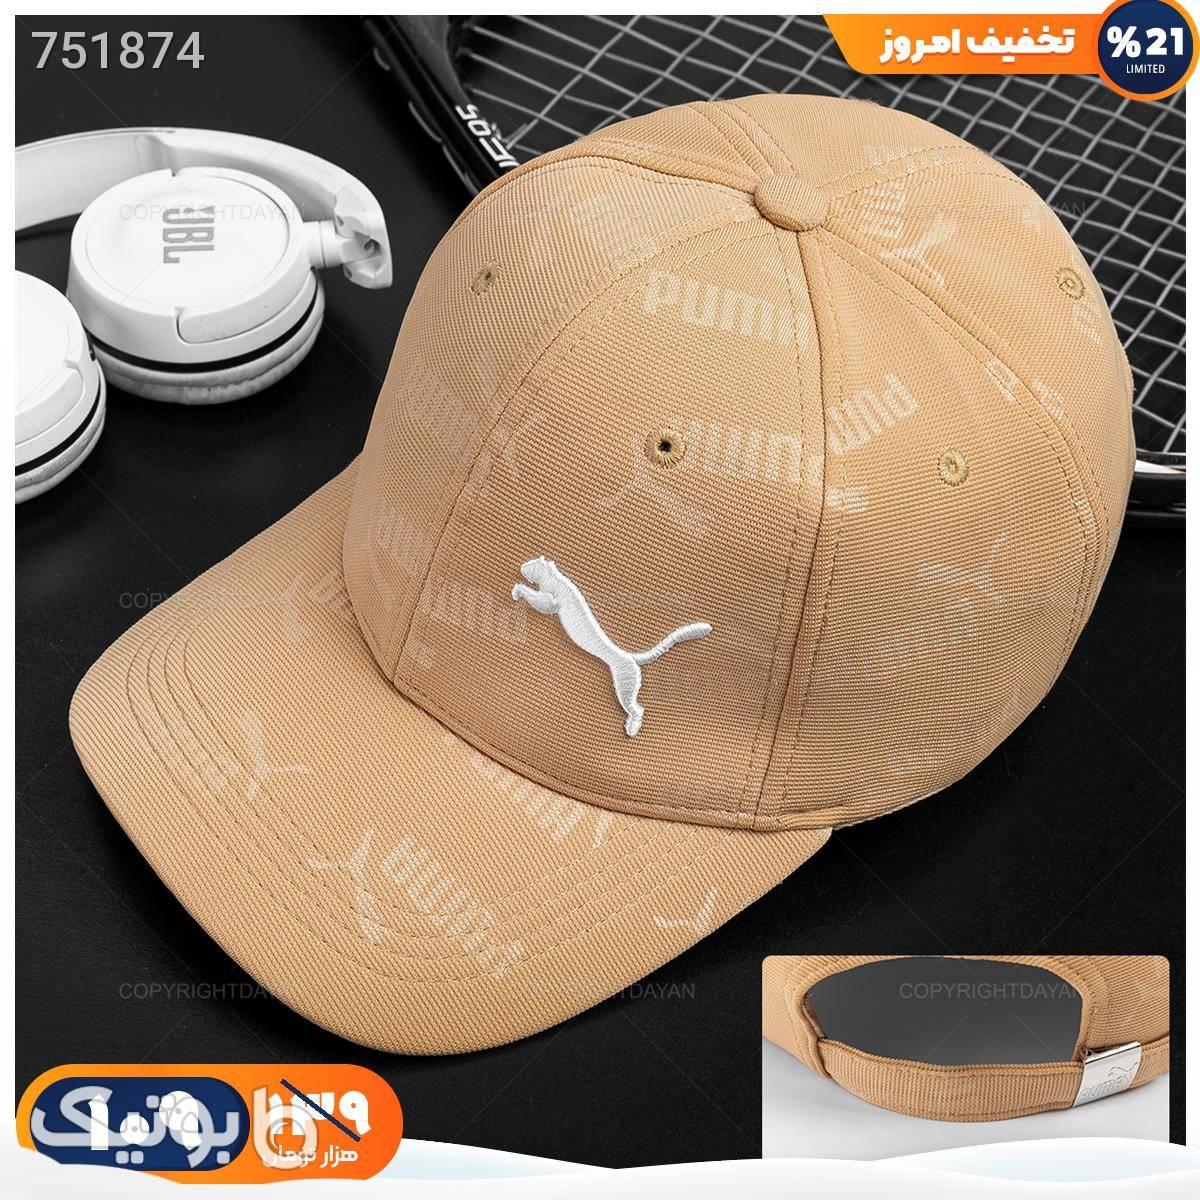 کلاه کپ Puma مدل 19090 کرم کلاه و اسکارف